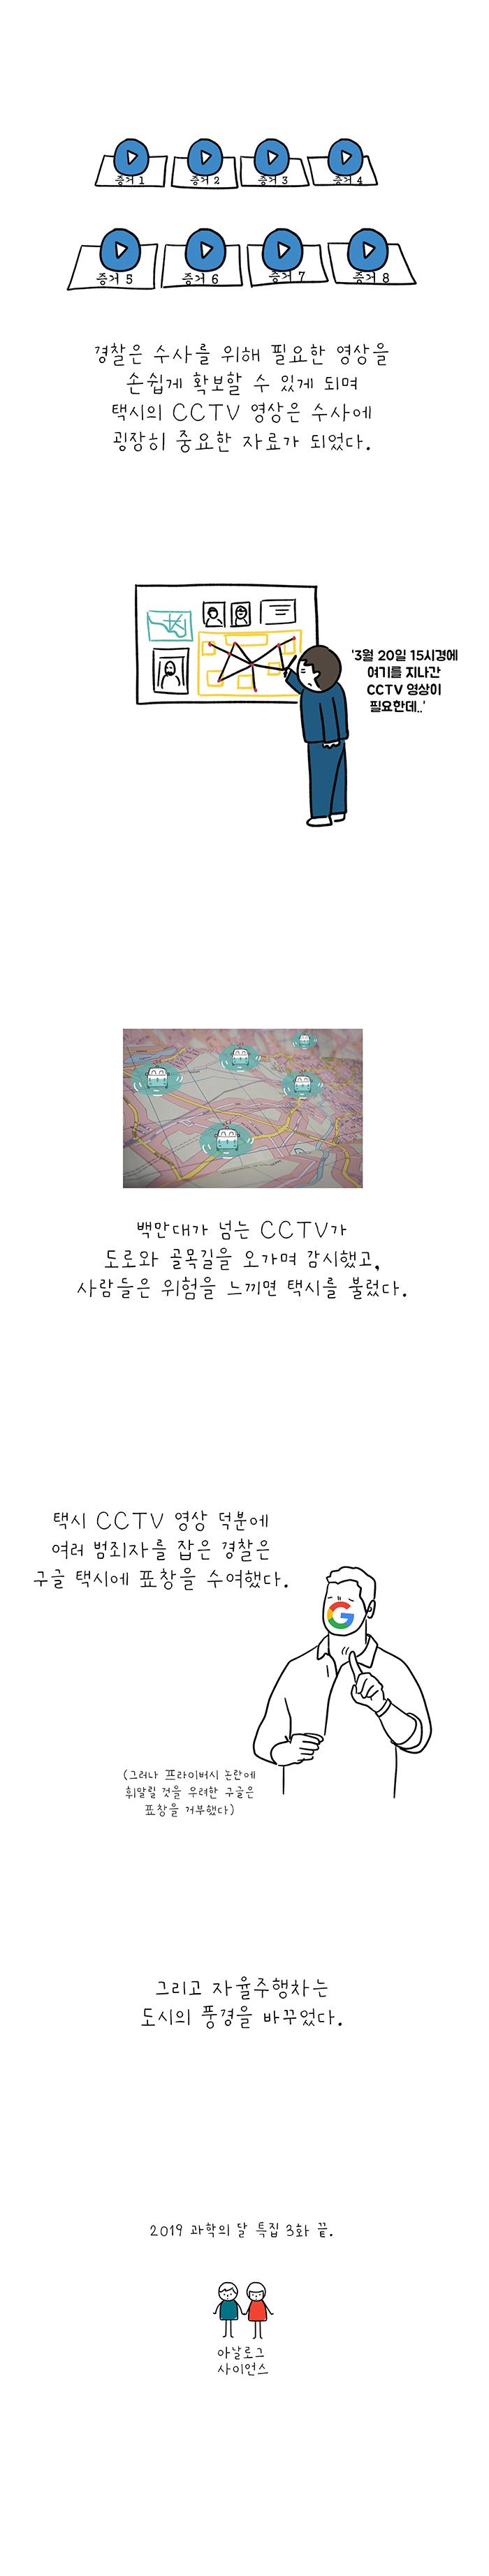 _CID_f_jumox3mq3_CID_AS_2019_S_03_04